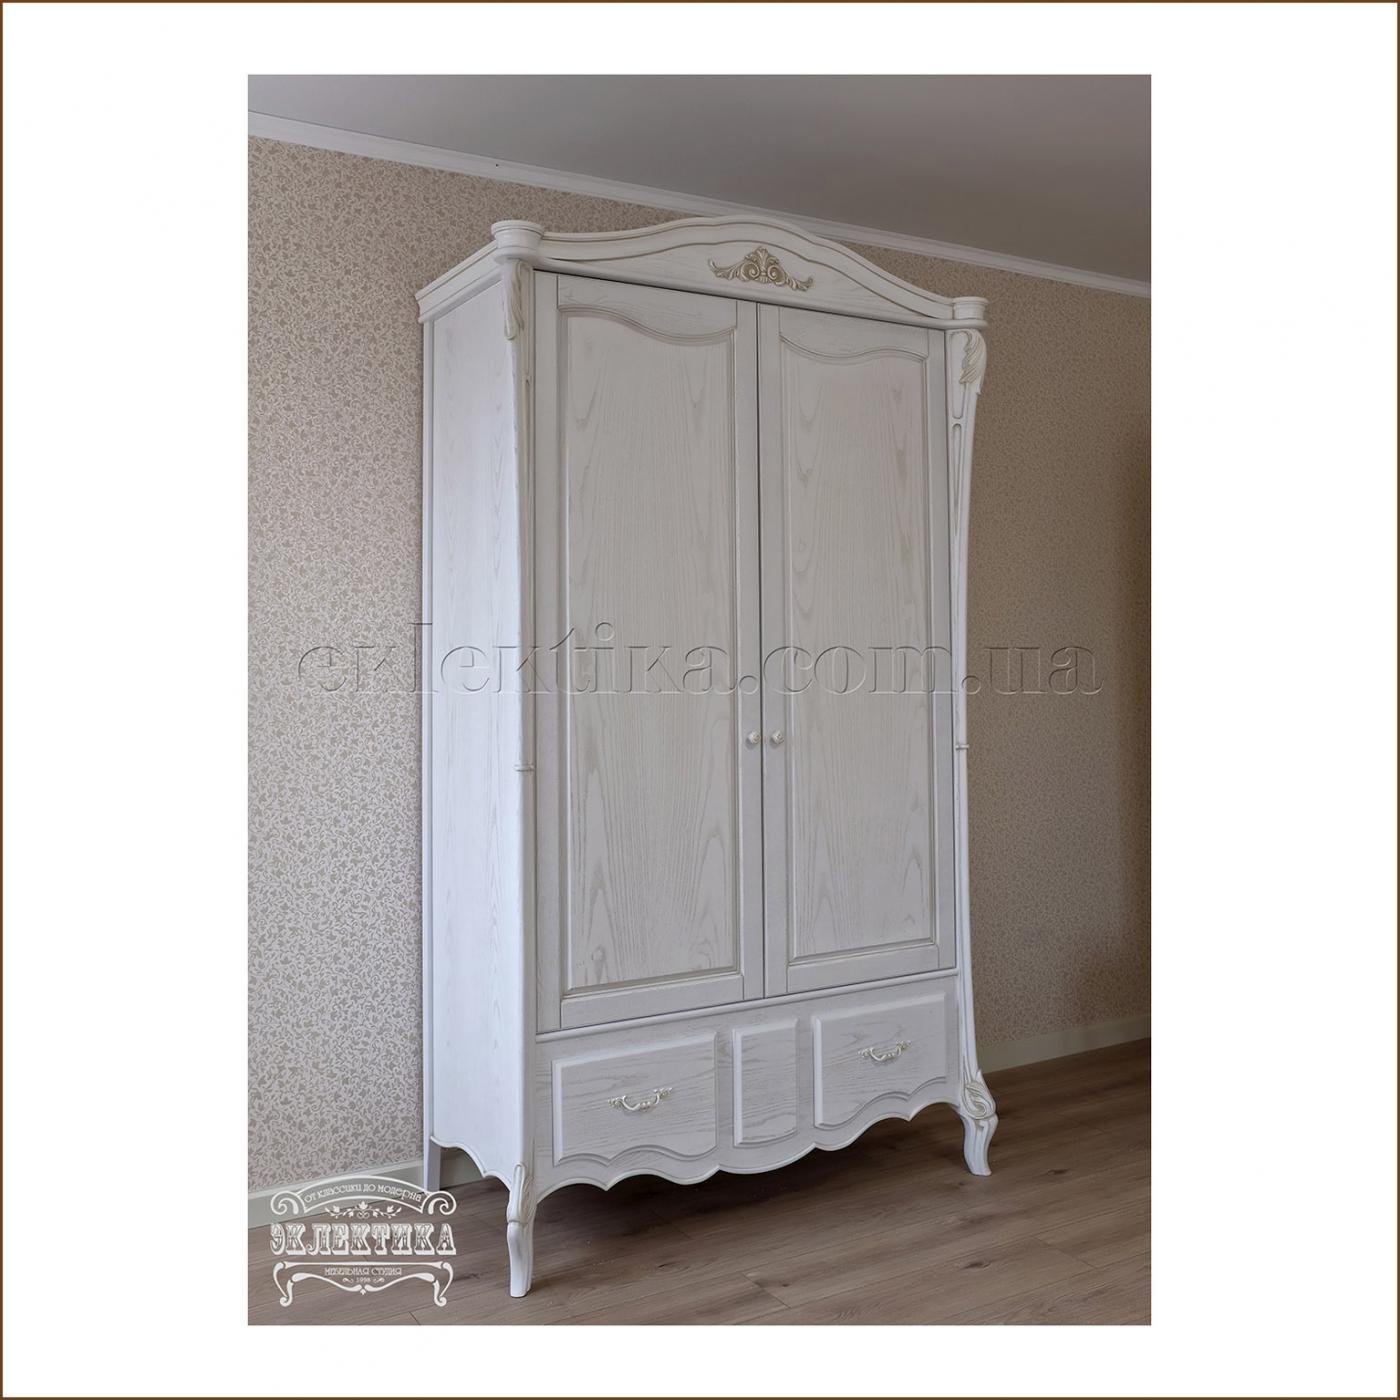 Шкаф Валенсия 2 двери 2 ящика